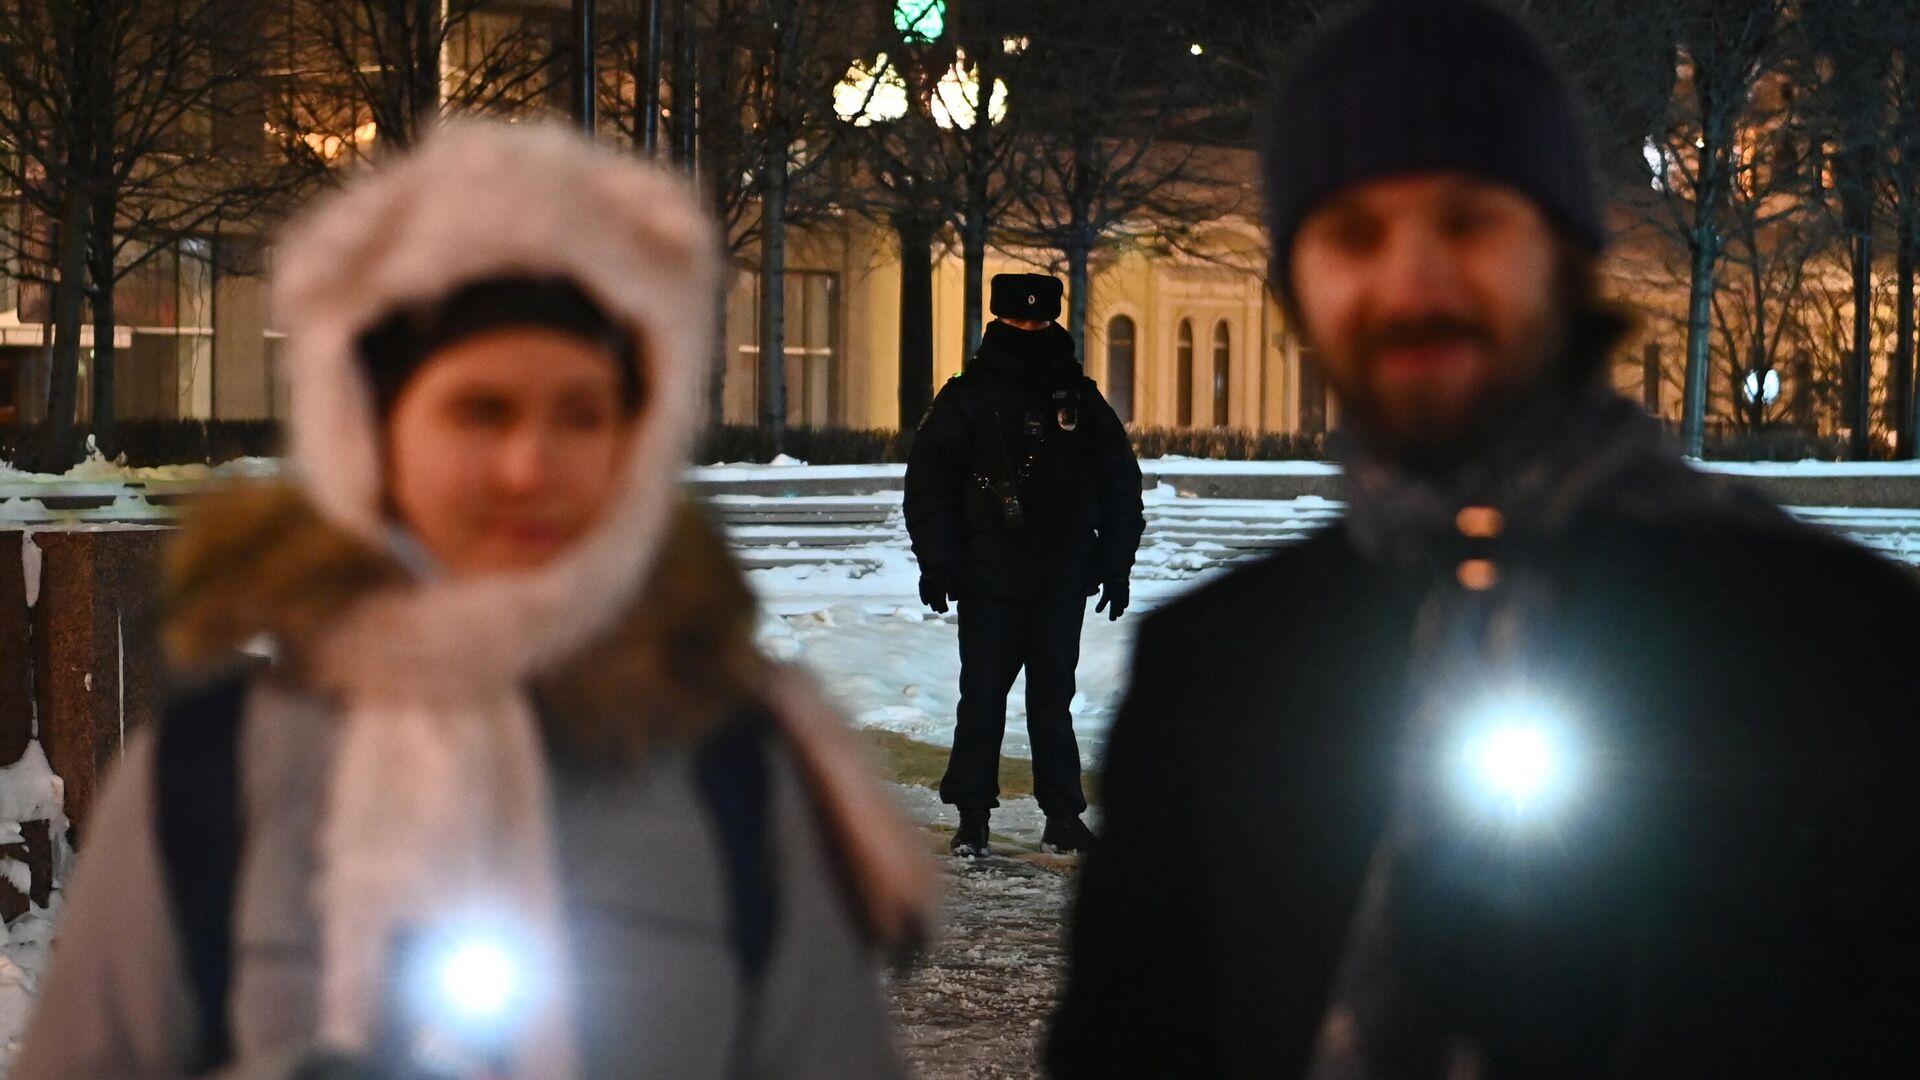 Сотрудник полиции наблюдает за порядком во время флешмоба с включенными фонариками в Москве - РИА Новости, 1920, 15.02.2021